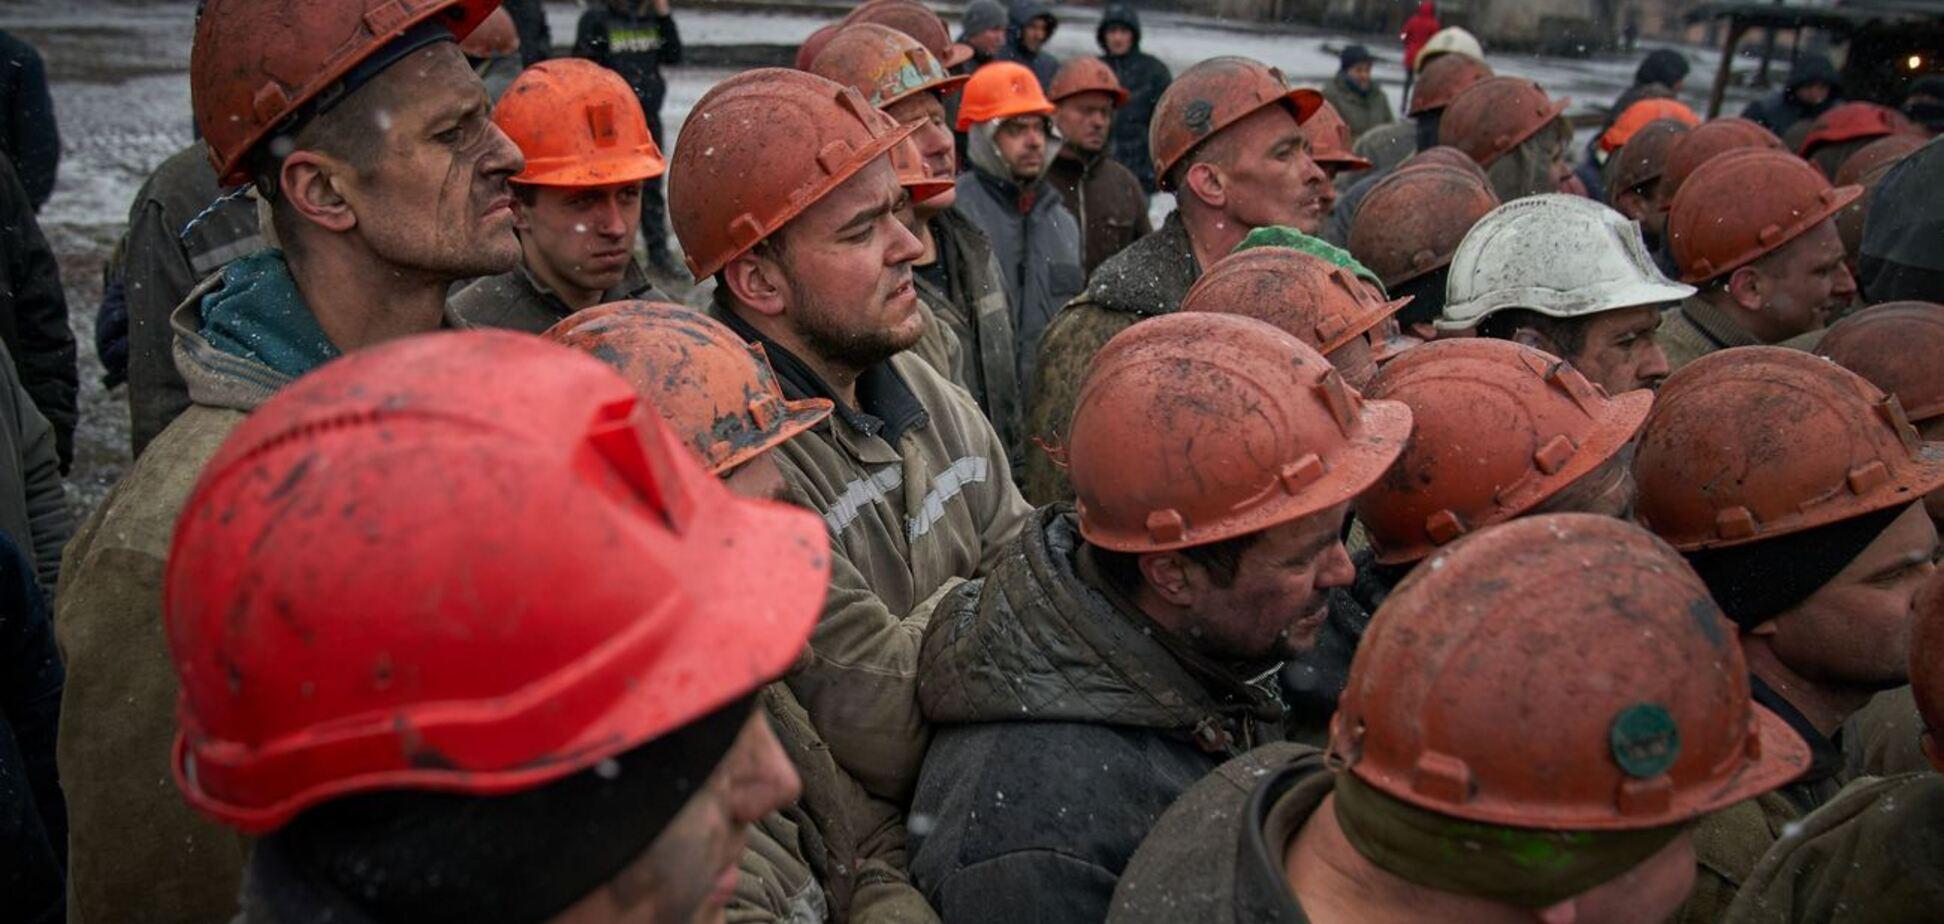 У Кривому Розі шахти закриють на простій через протести, частину гірників звільнять